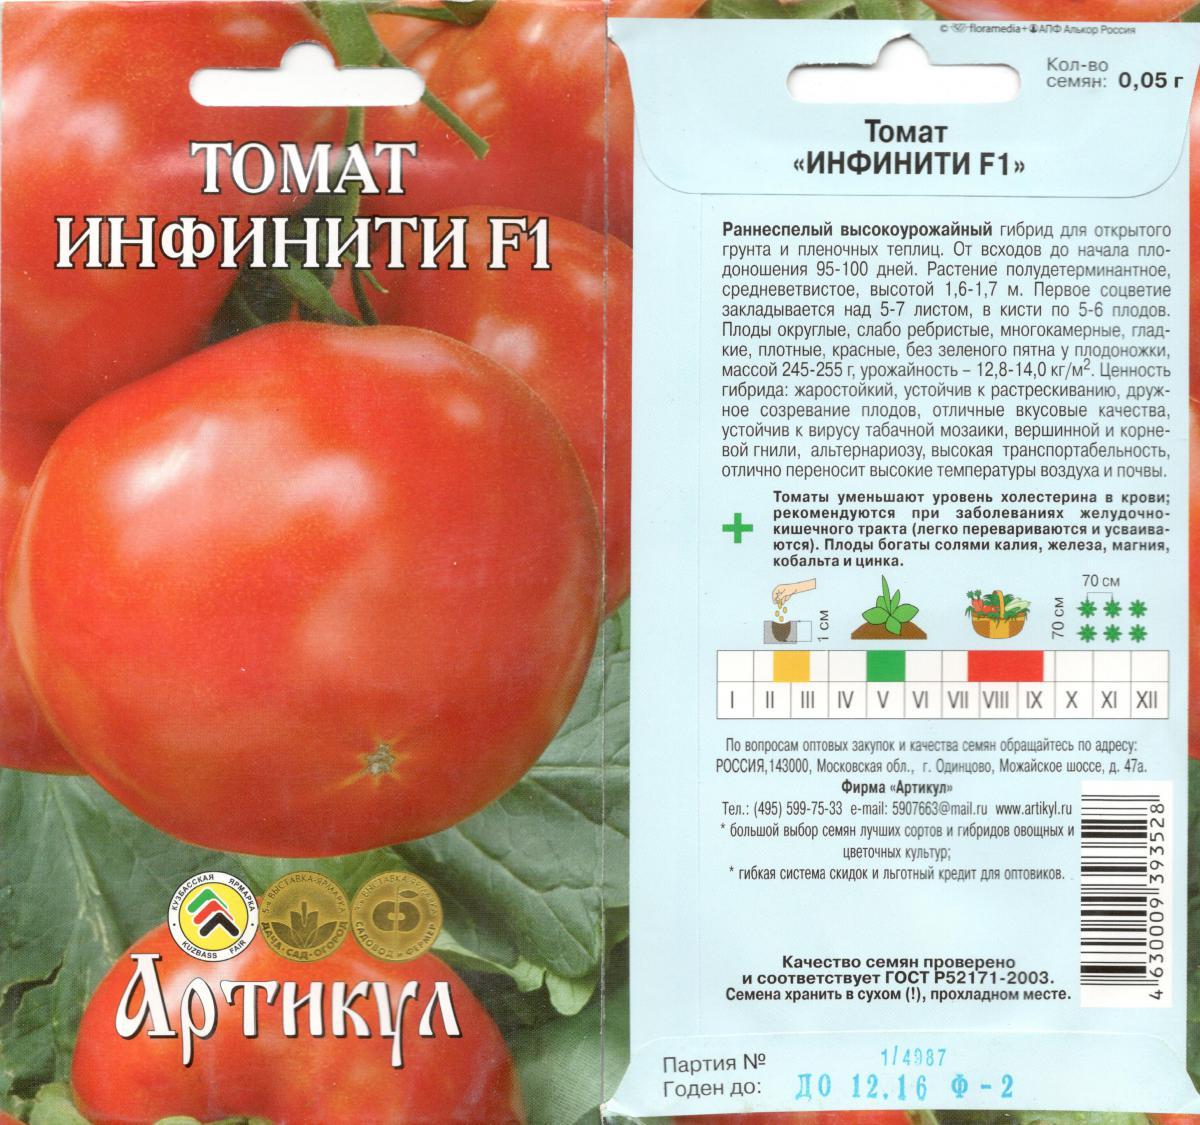 Томат красный факел f1 (партнёр) - описание сорта гибрида, характеристика, урожайность, отзывы, фото